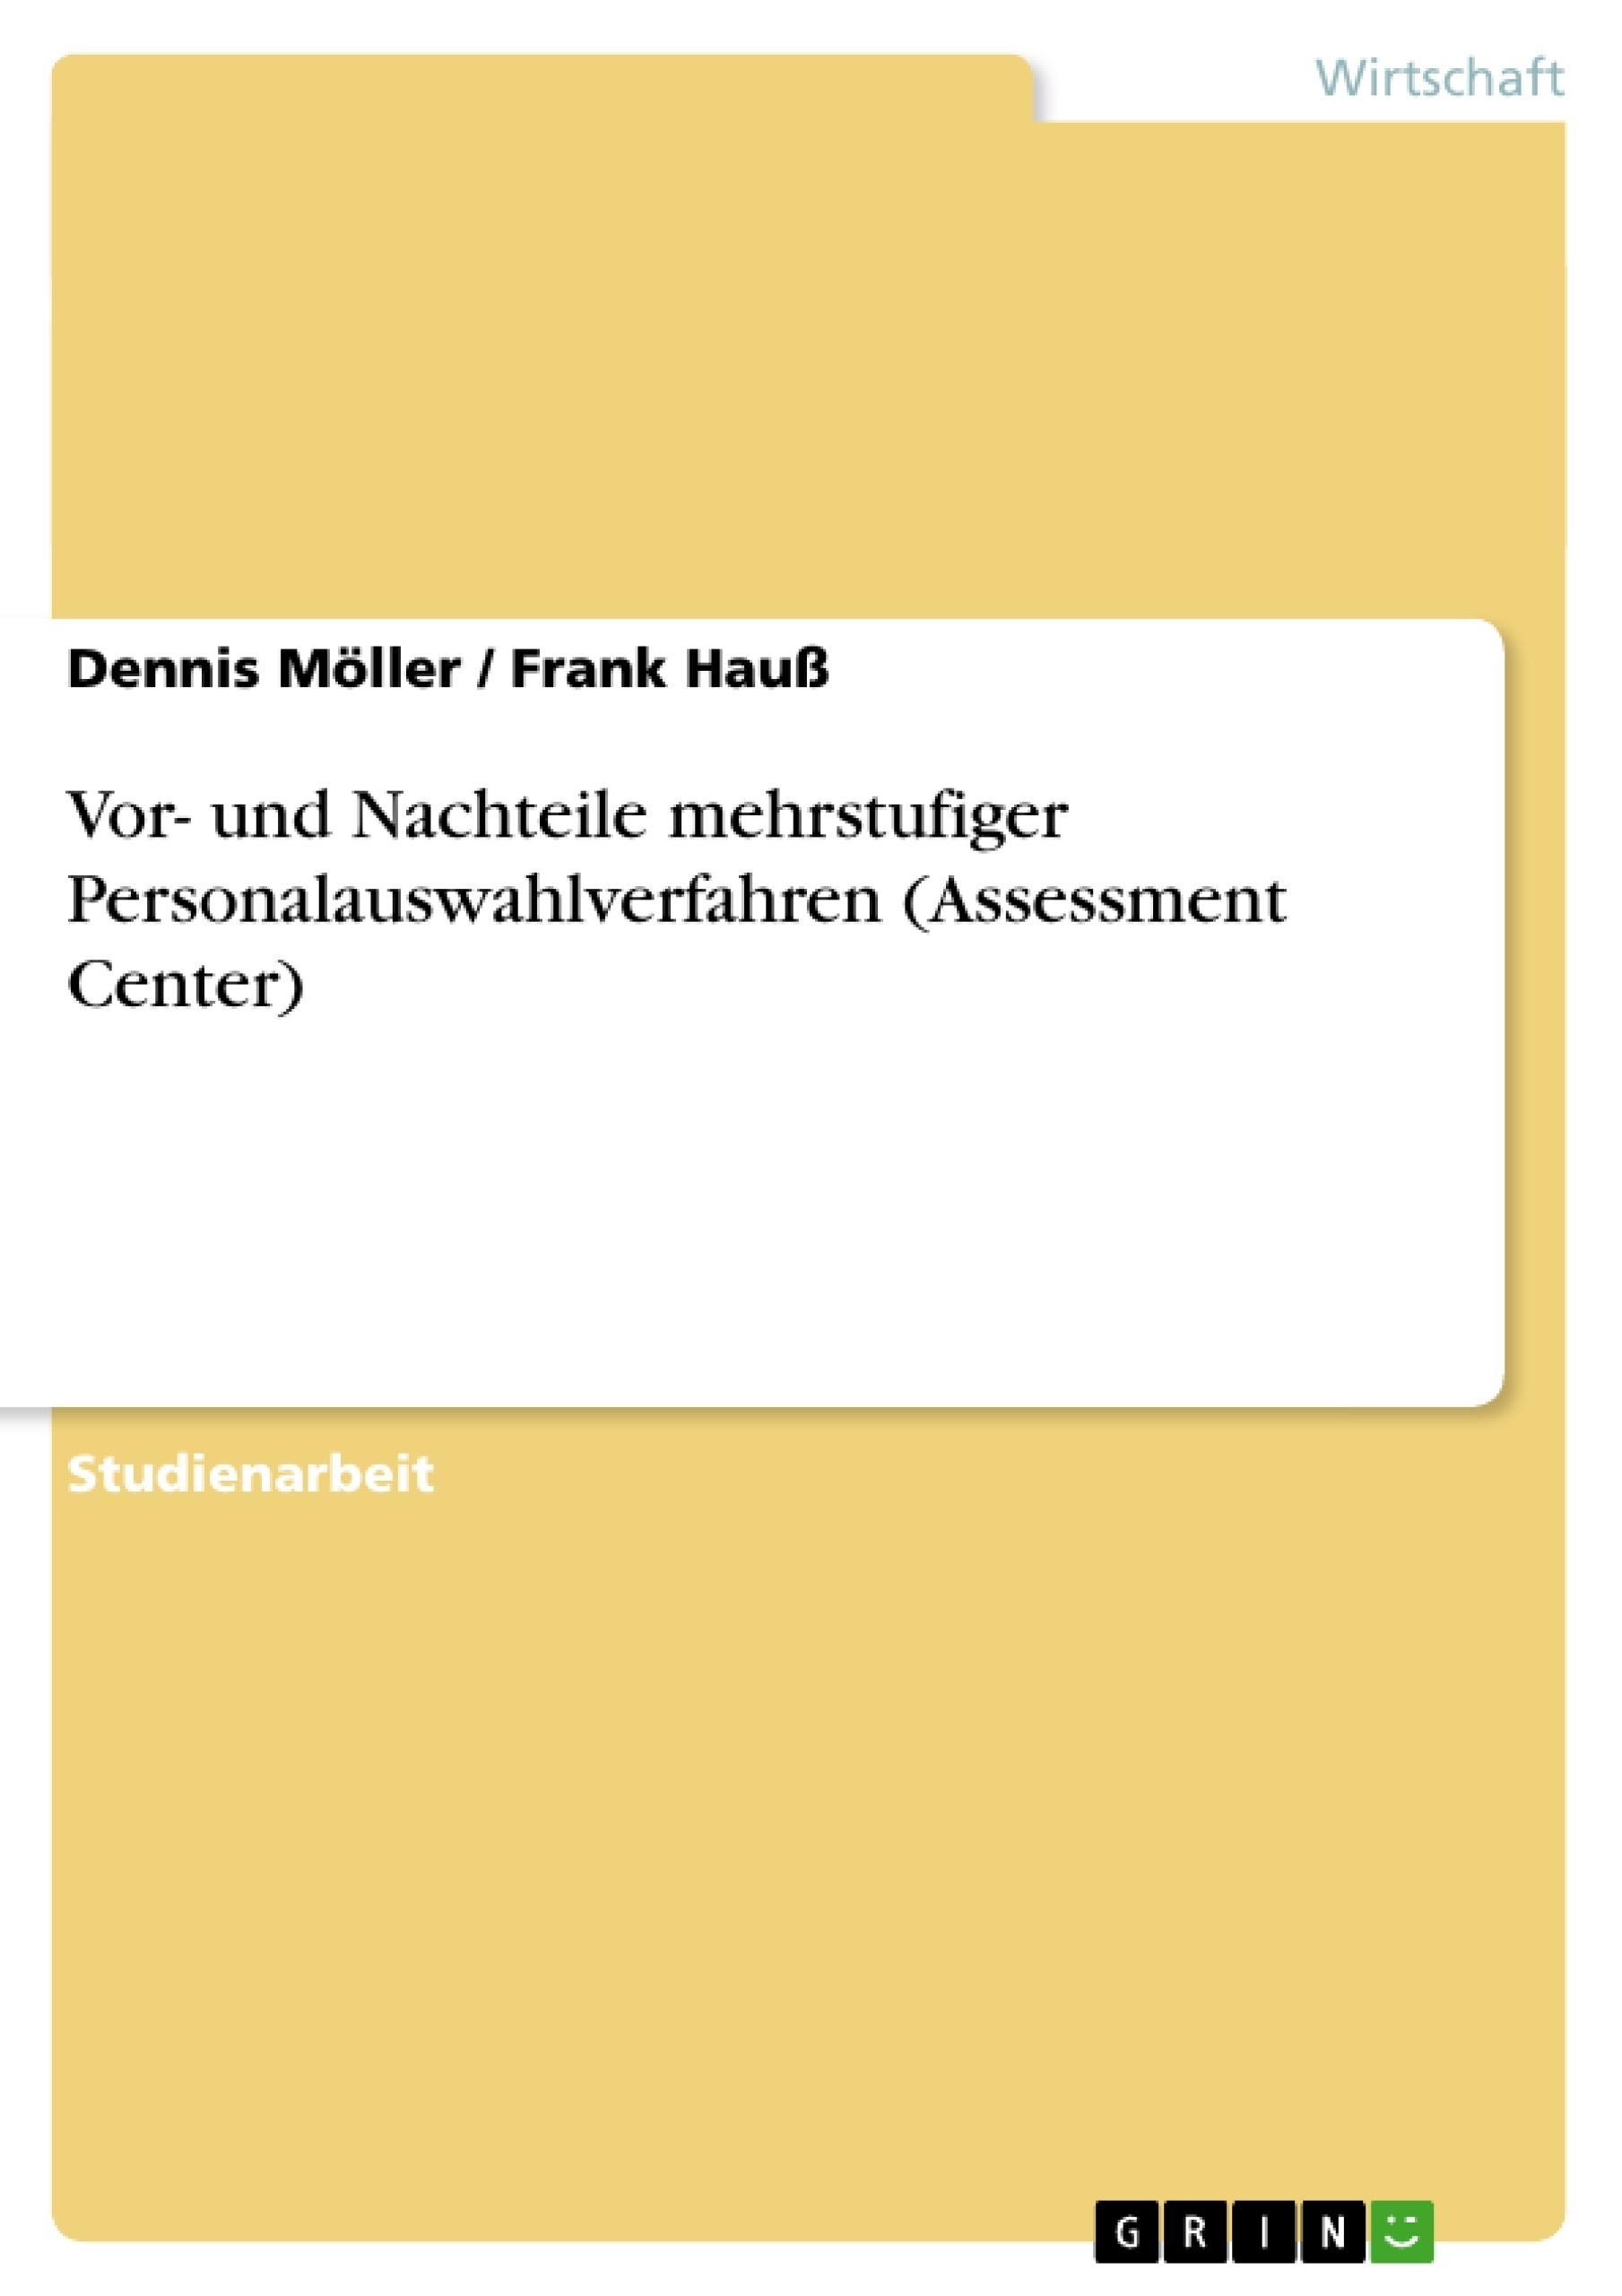 Titel: Vor- und Nachteile mehrstufiger Personalauswahlverfahren (Assessment Center)